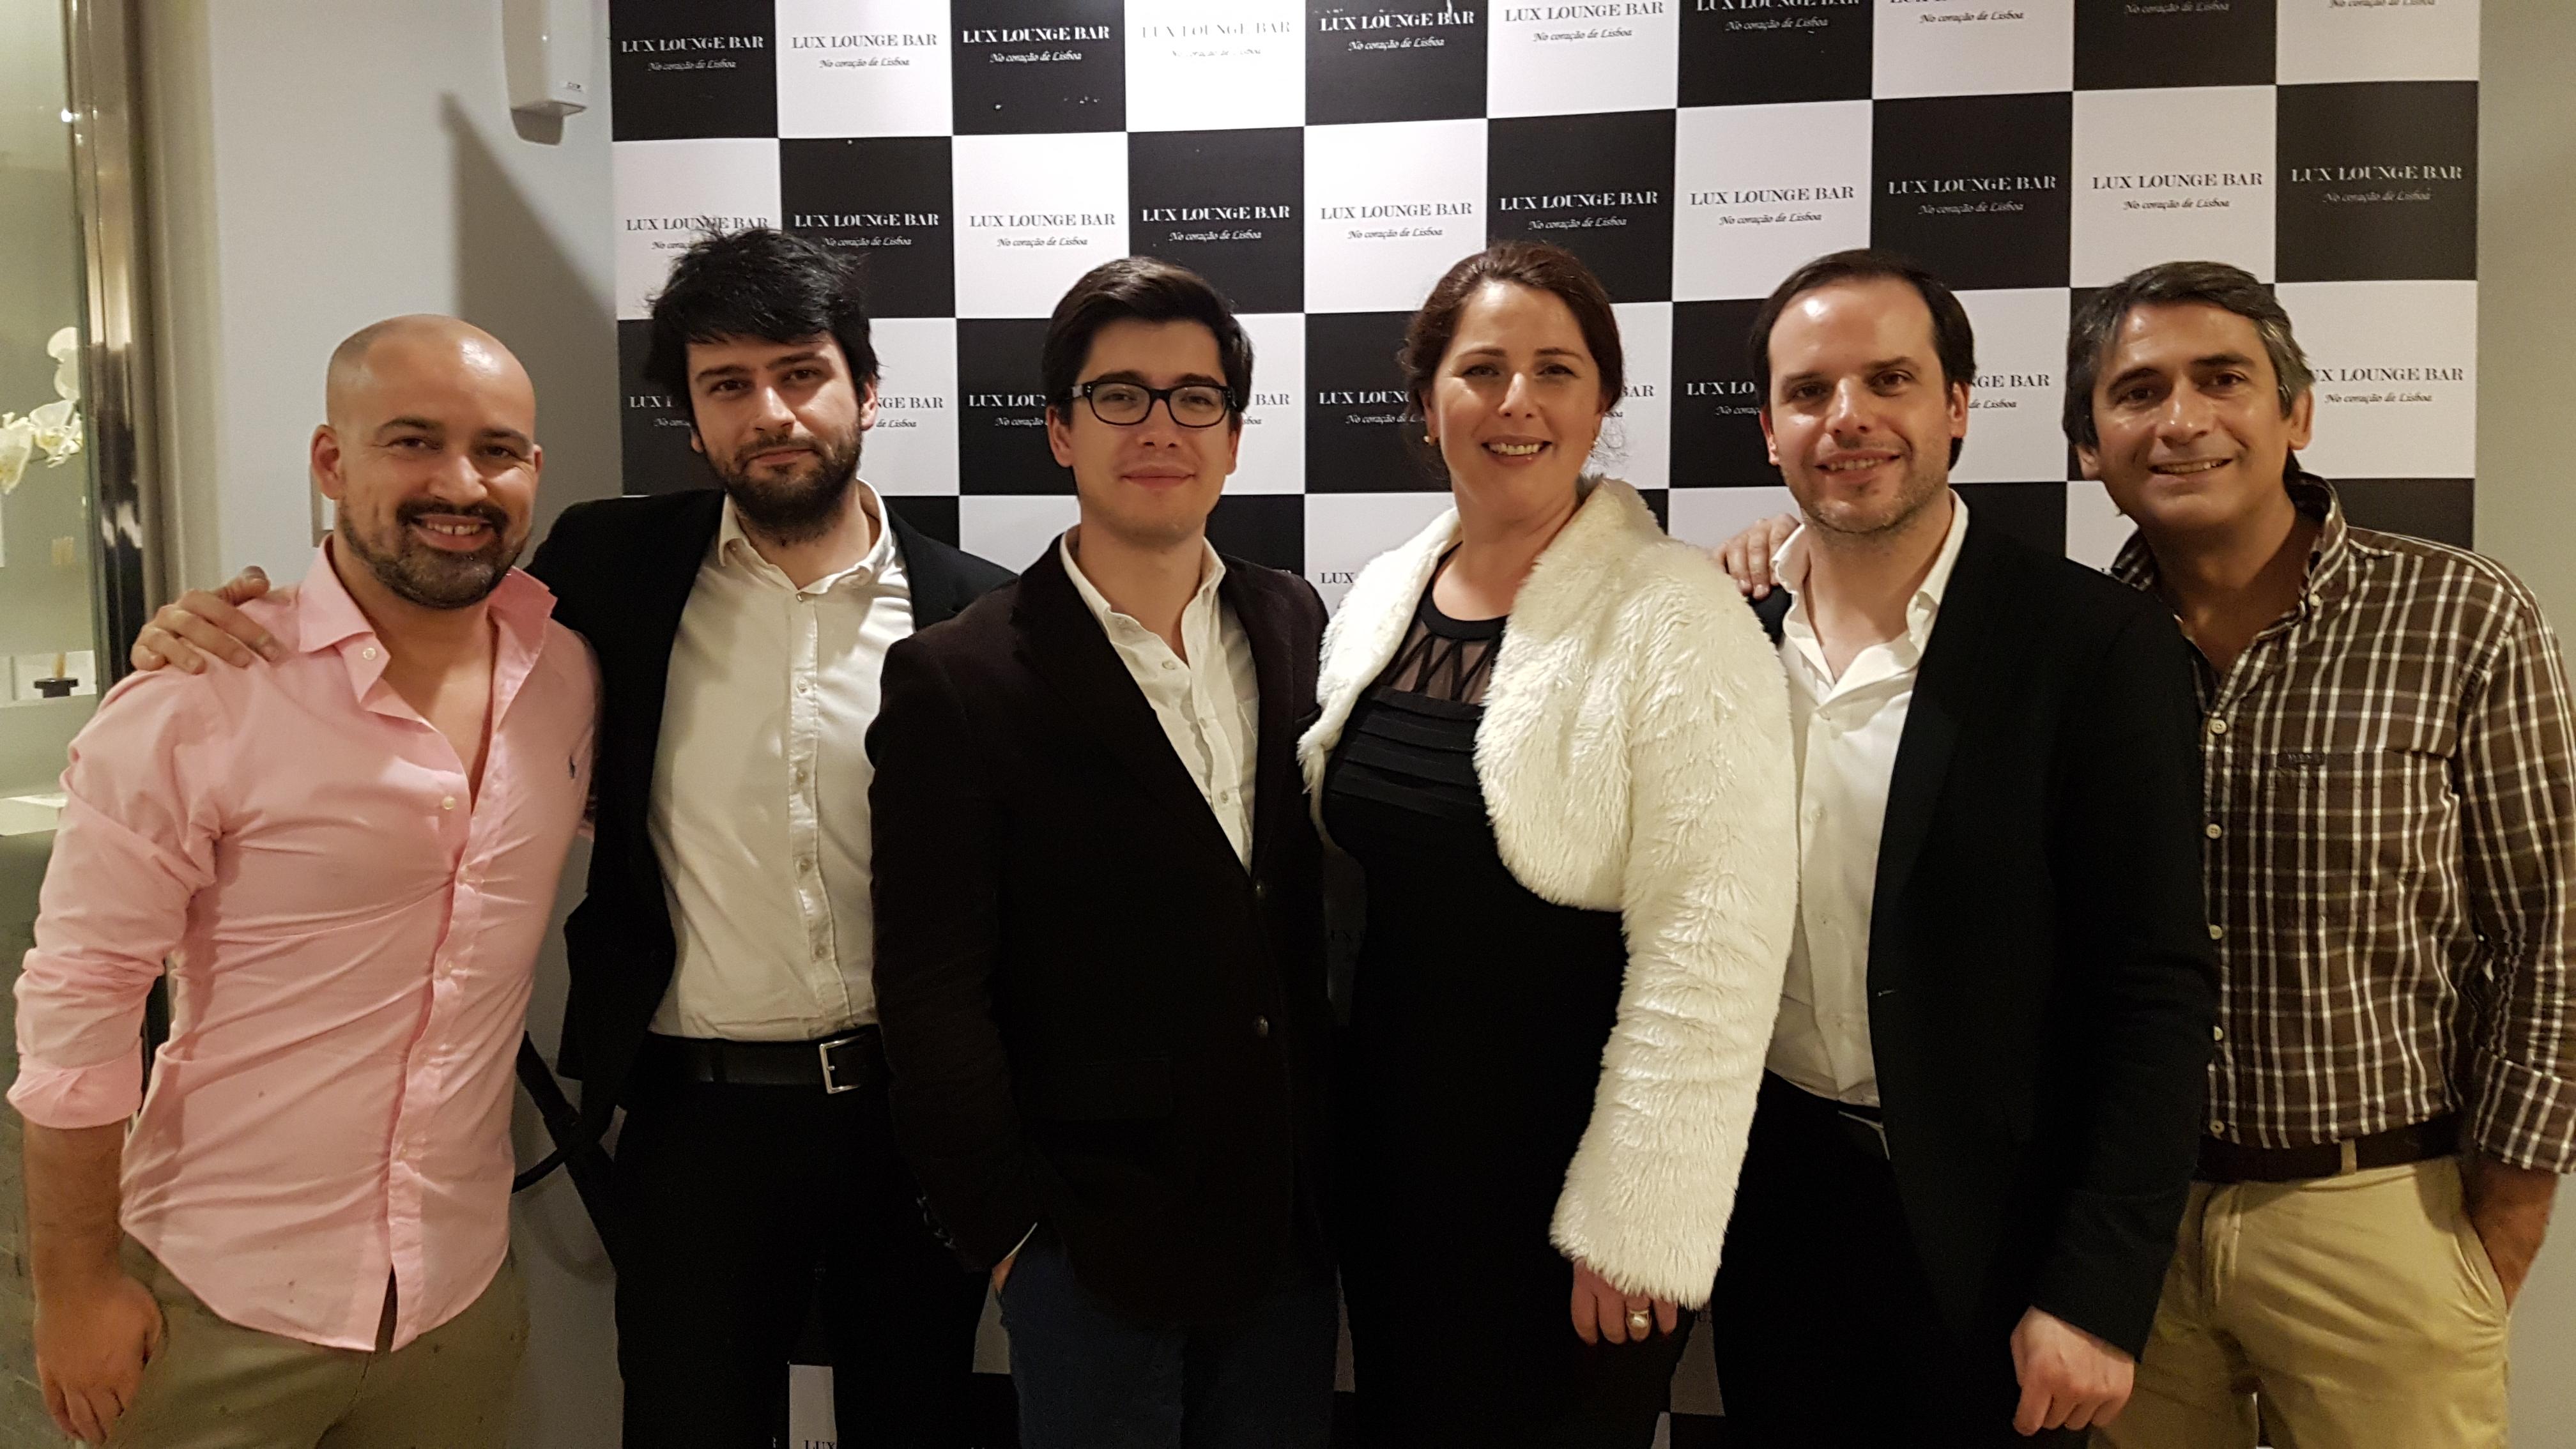 Equipa FadoLux 6 Maio com João Gomes